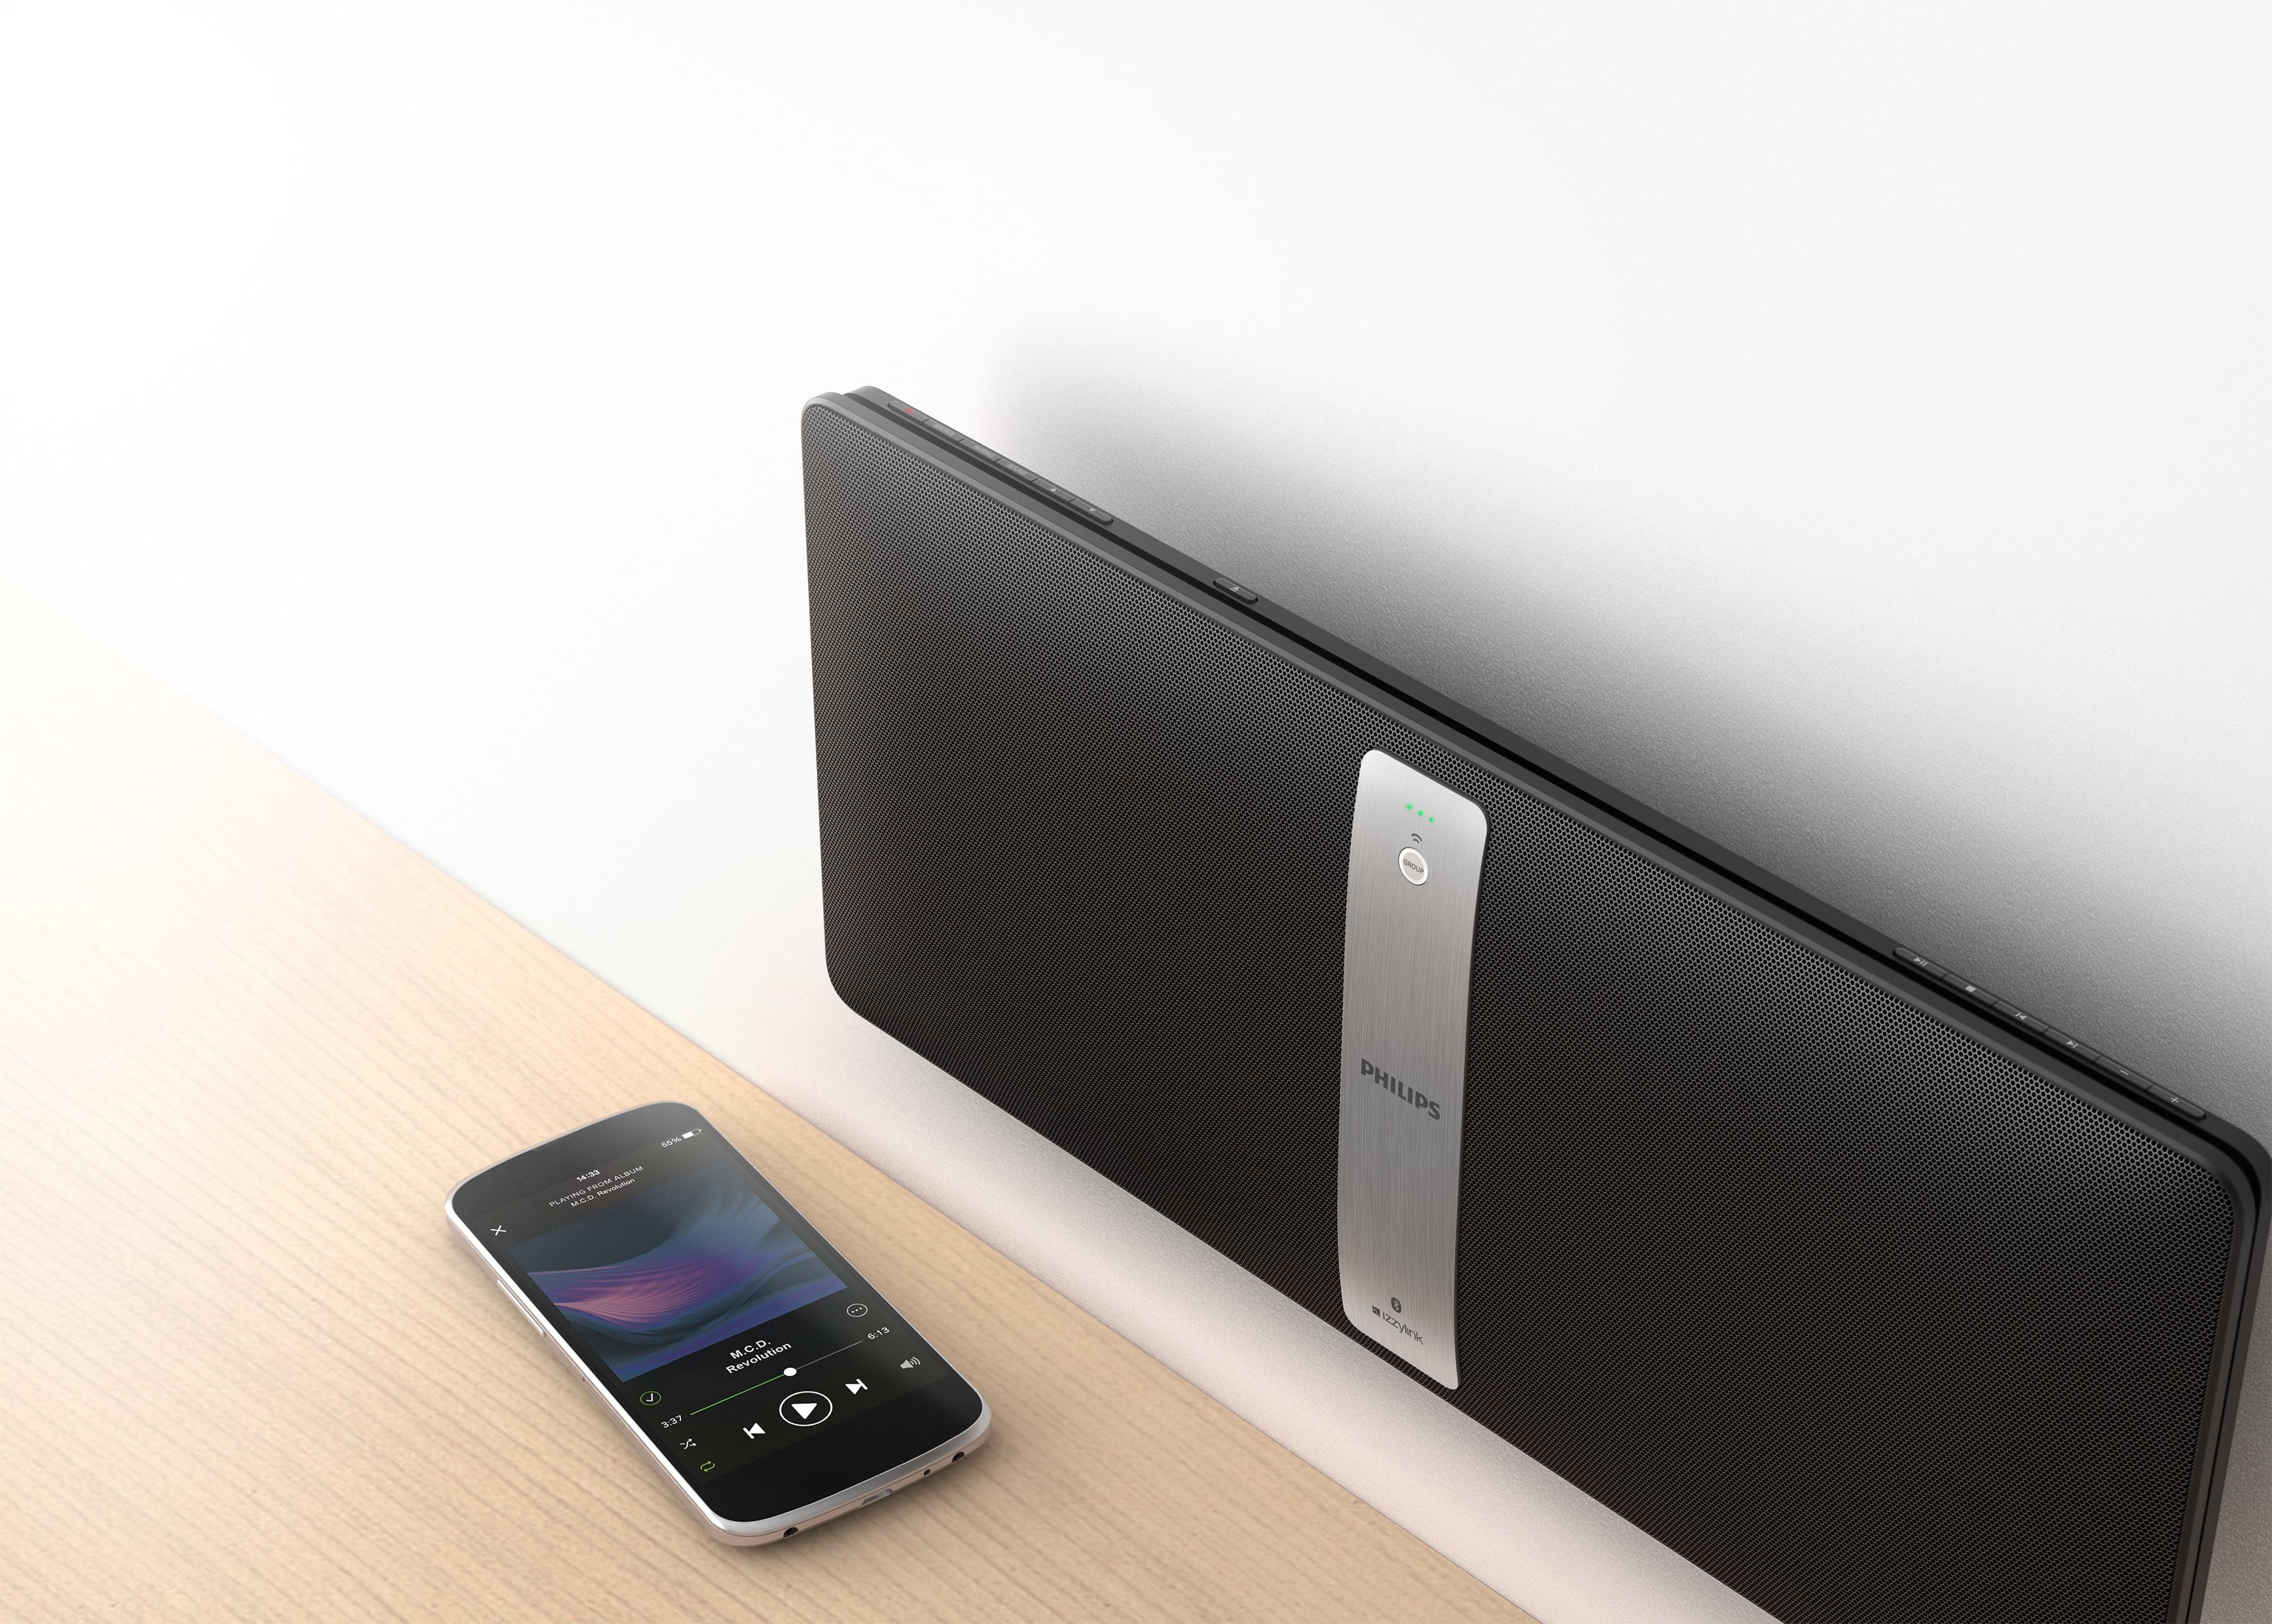 musik in alle r ume beamen mit der lautsprecherreihe philips izzy wird multiroom so einfach wie nie. Black Bedroom Furniture Sets. Home Design Ideas